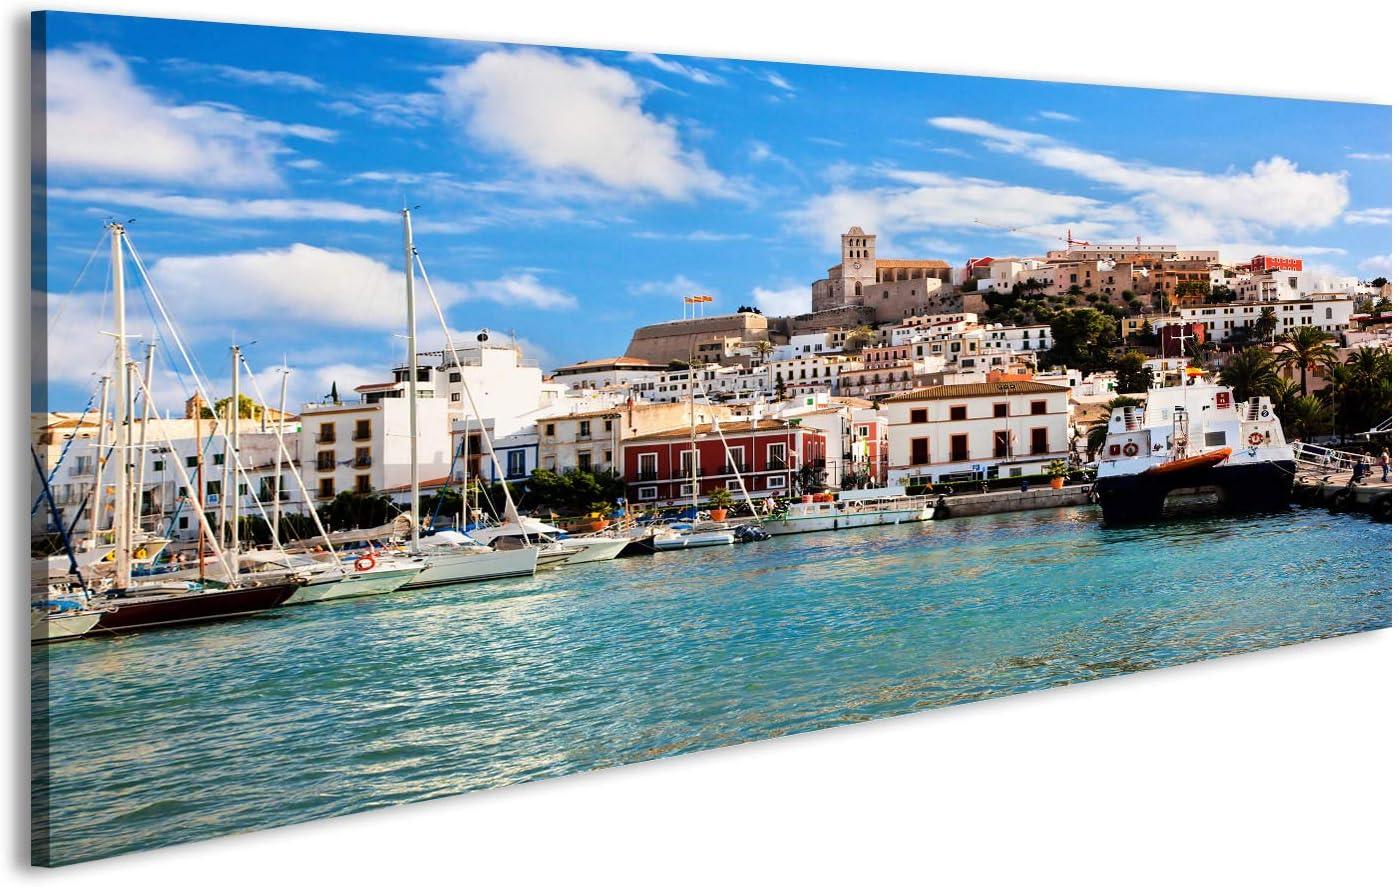 echter Fotoabzug Galerie Qualit/ät Acrylglasbild 120 x 40cm Panoramabild Spanien Ibiza Burg und Altstadt Acrylglas auf Alu Dibond/© Fineart Wandbild